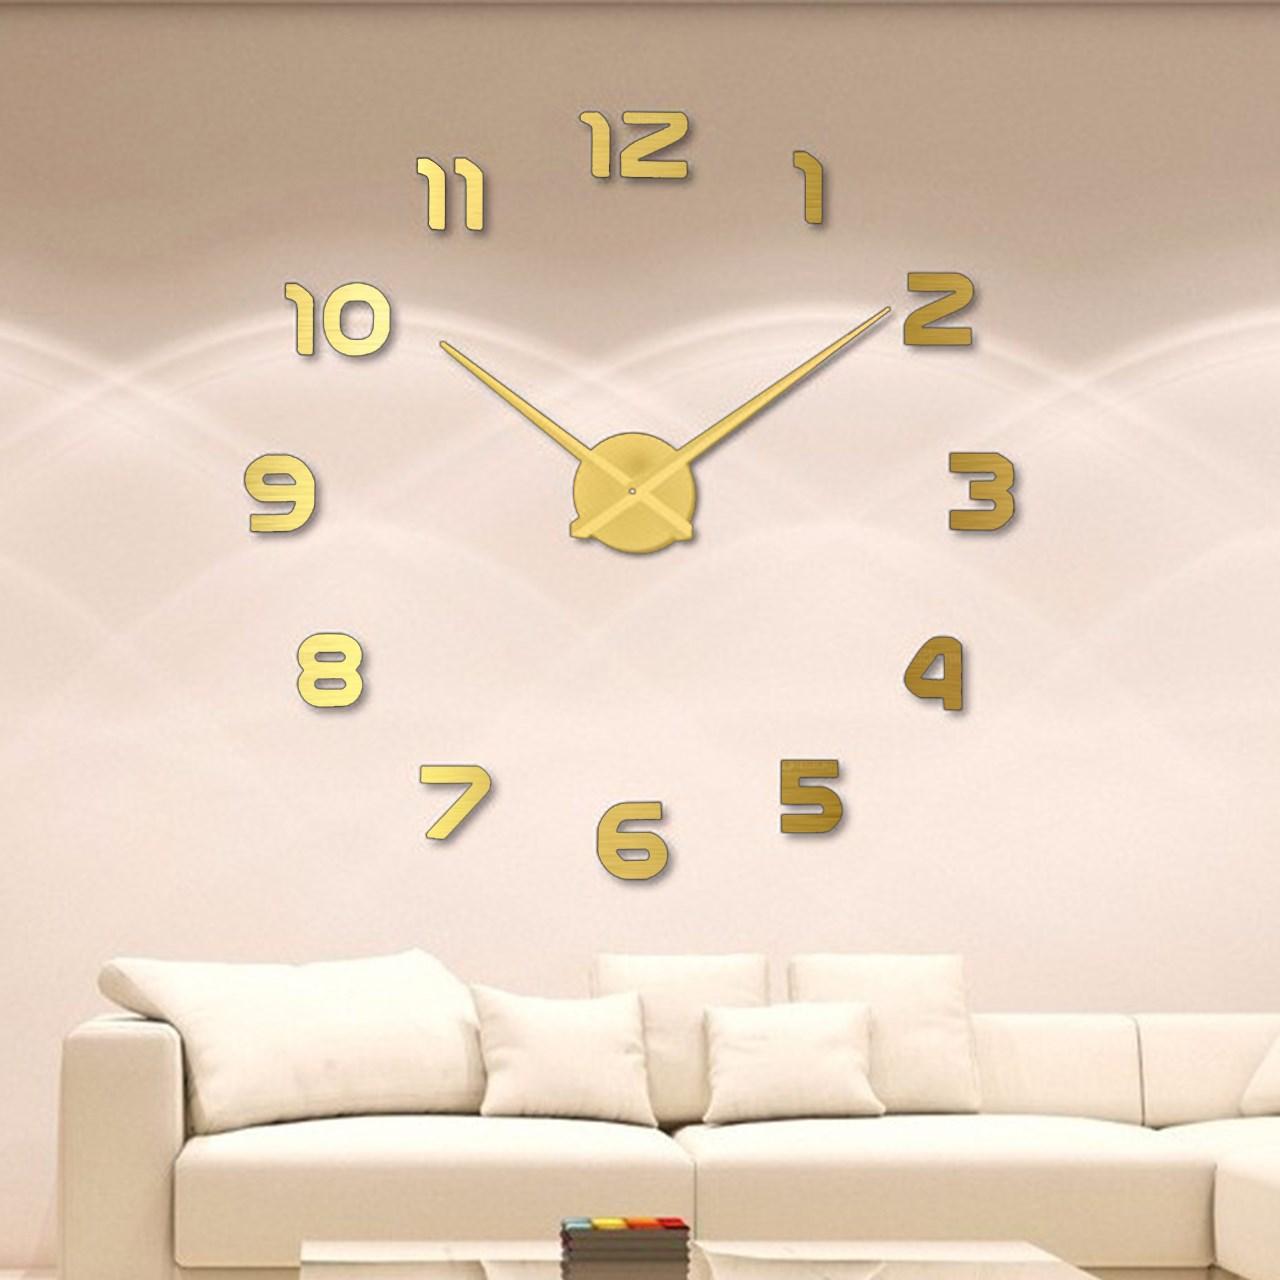 ساعت دیواری رویال ماروتی مدل MAT-6007 سایز بزرگ